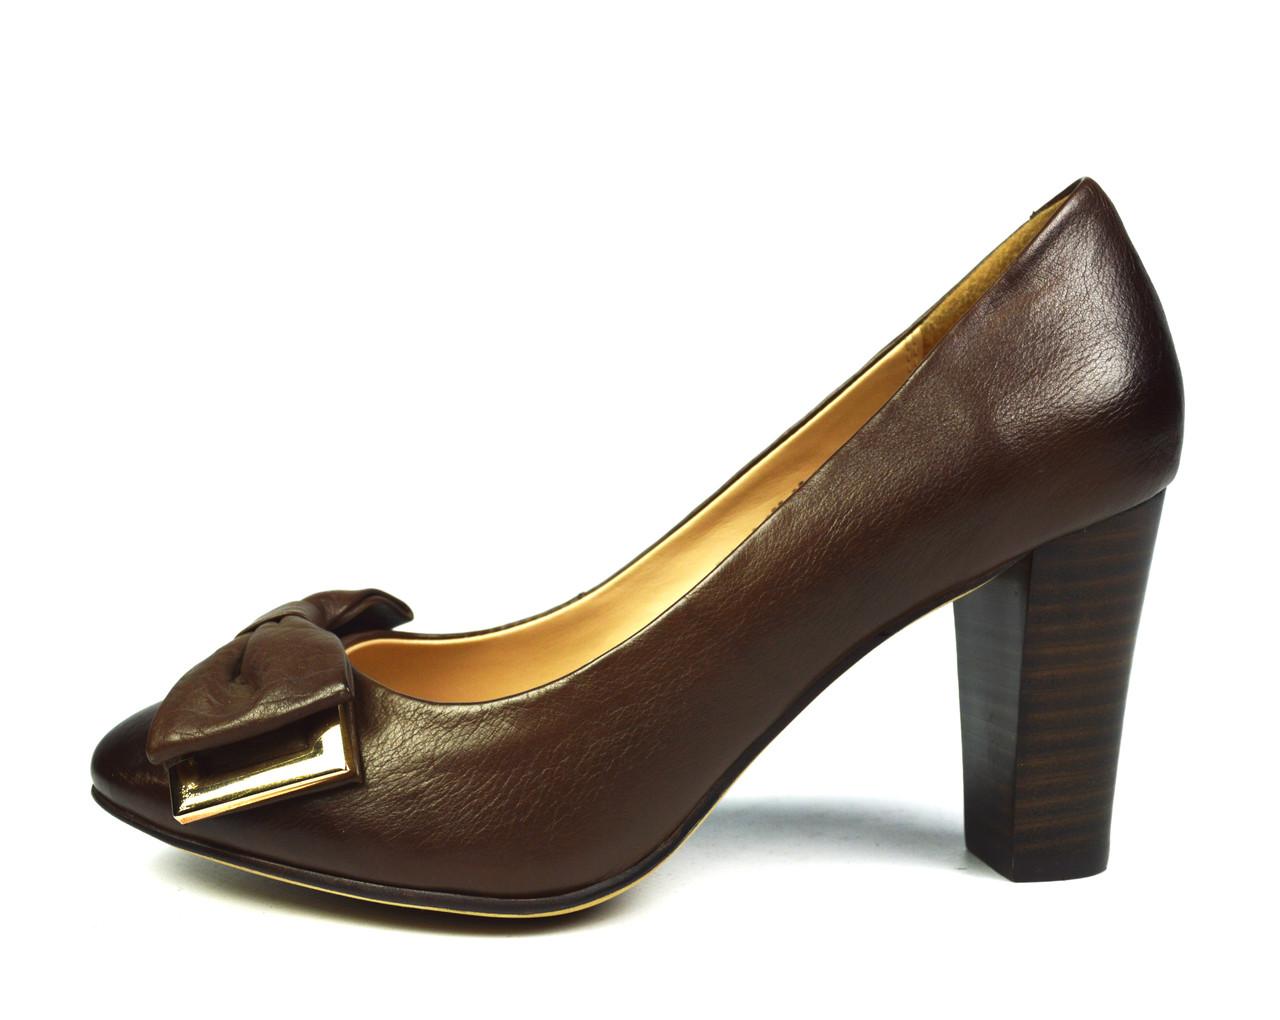 Туфли коричневые женские кожаные Miratini на толстом каблуке ( весна, лето, осень )